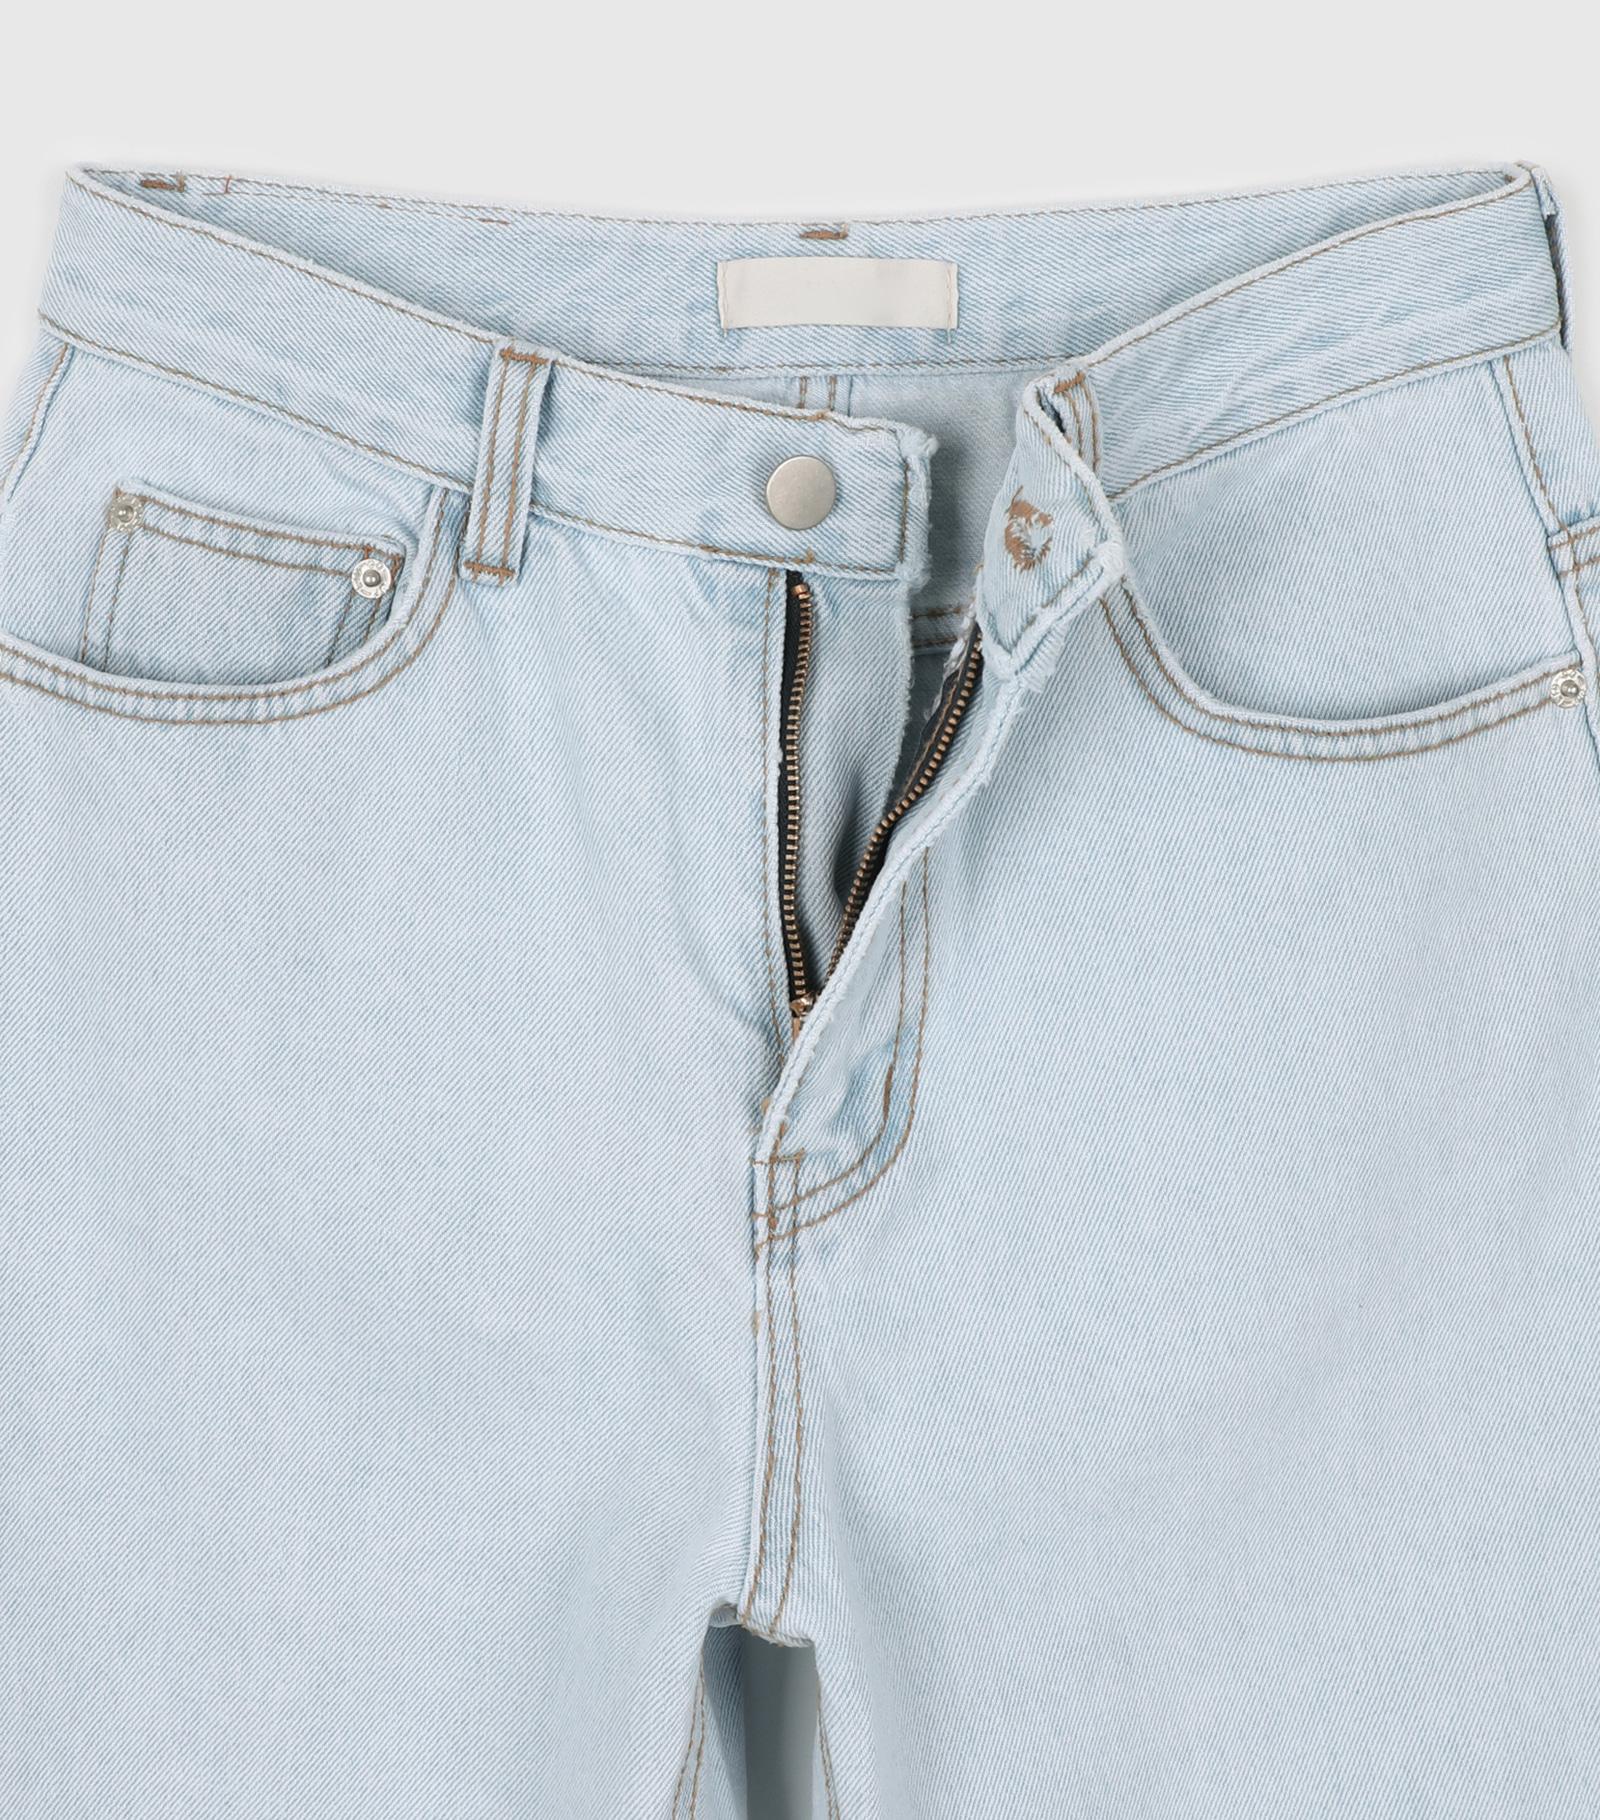 Ice straight jean